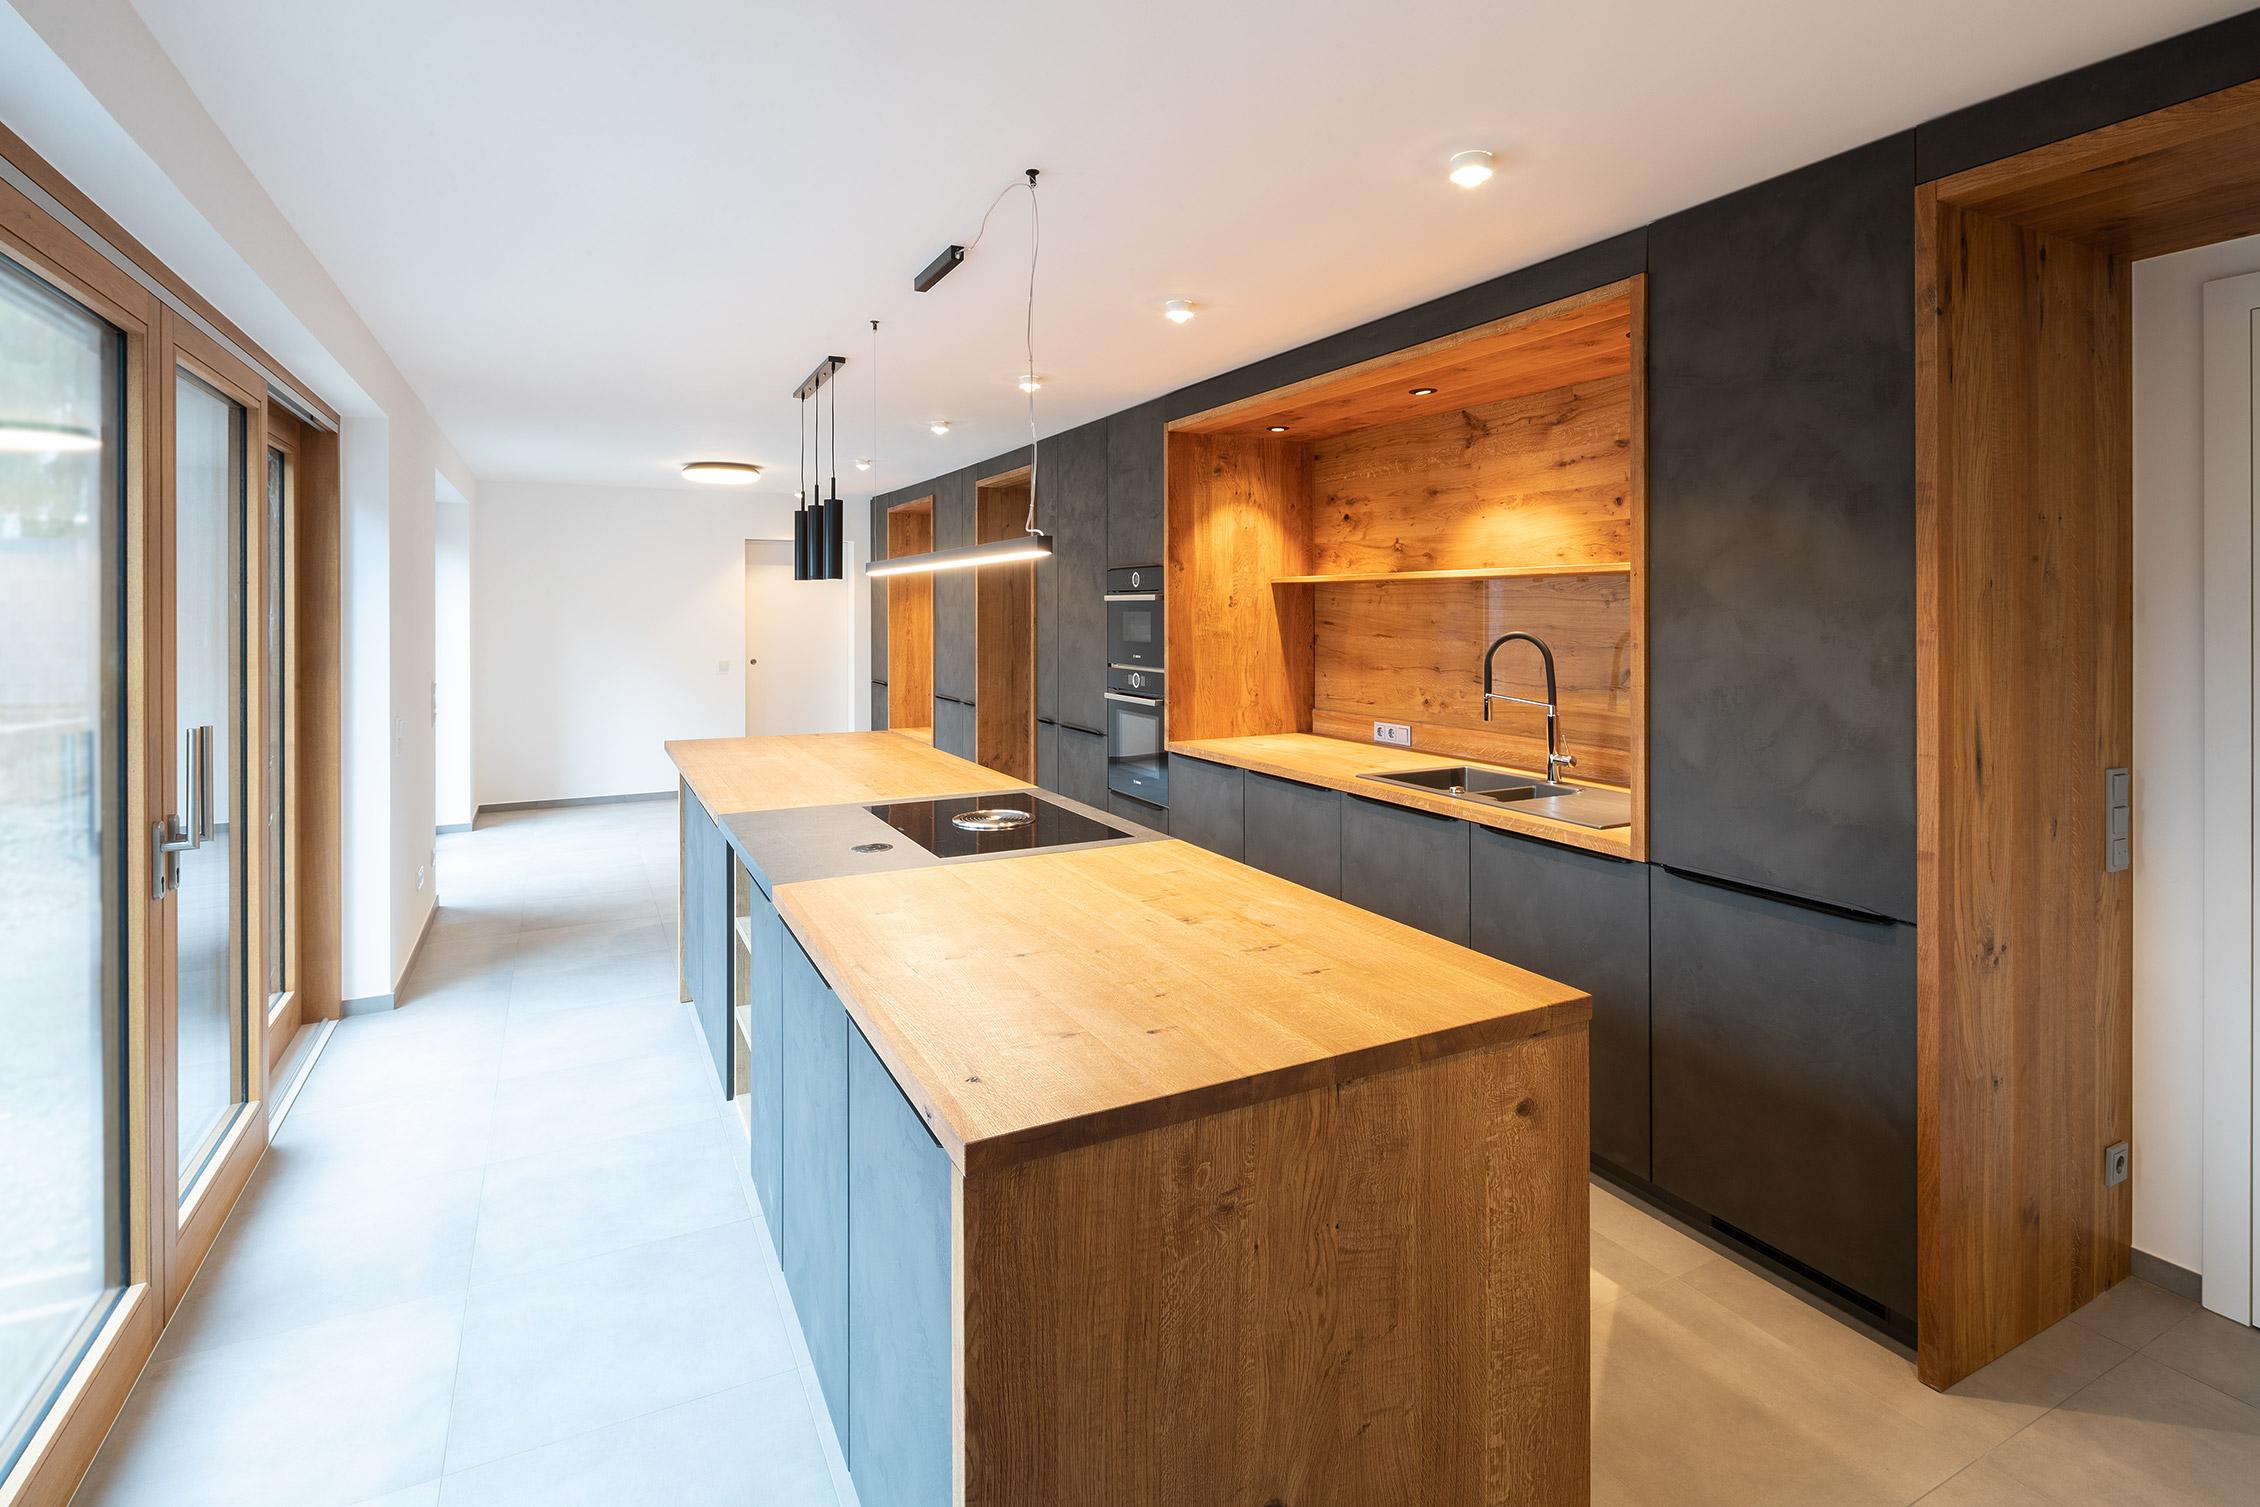 Einfamilienhaus mit Praxis Küche